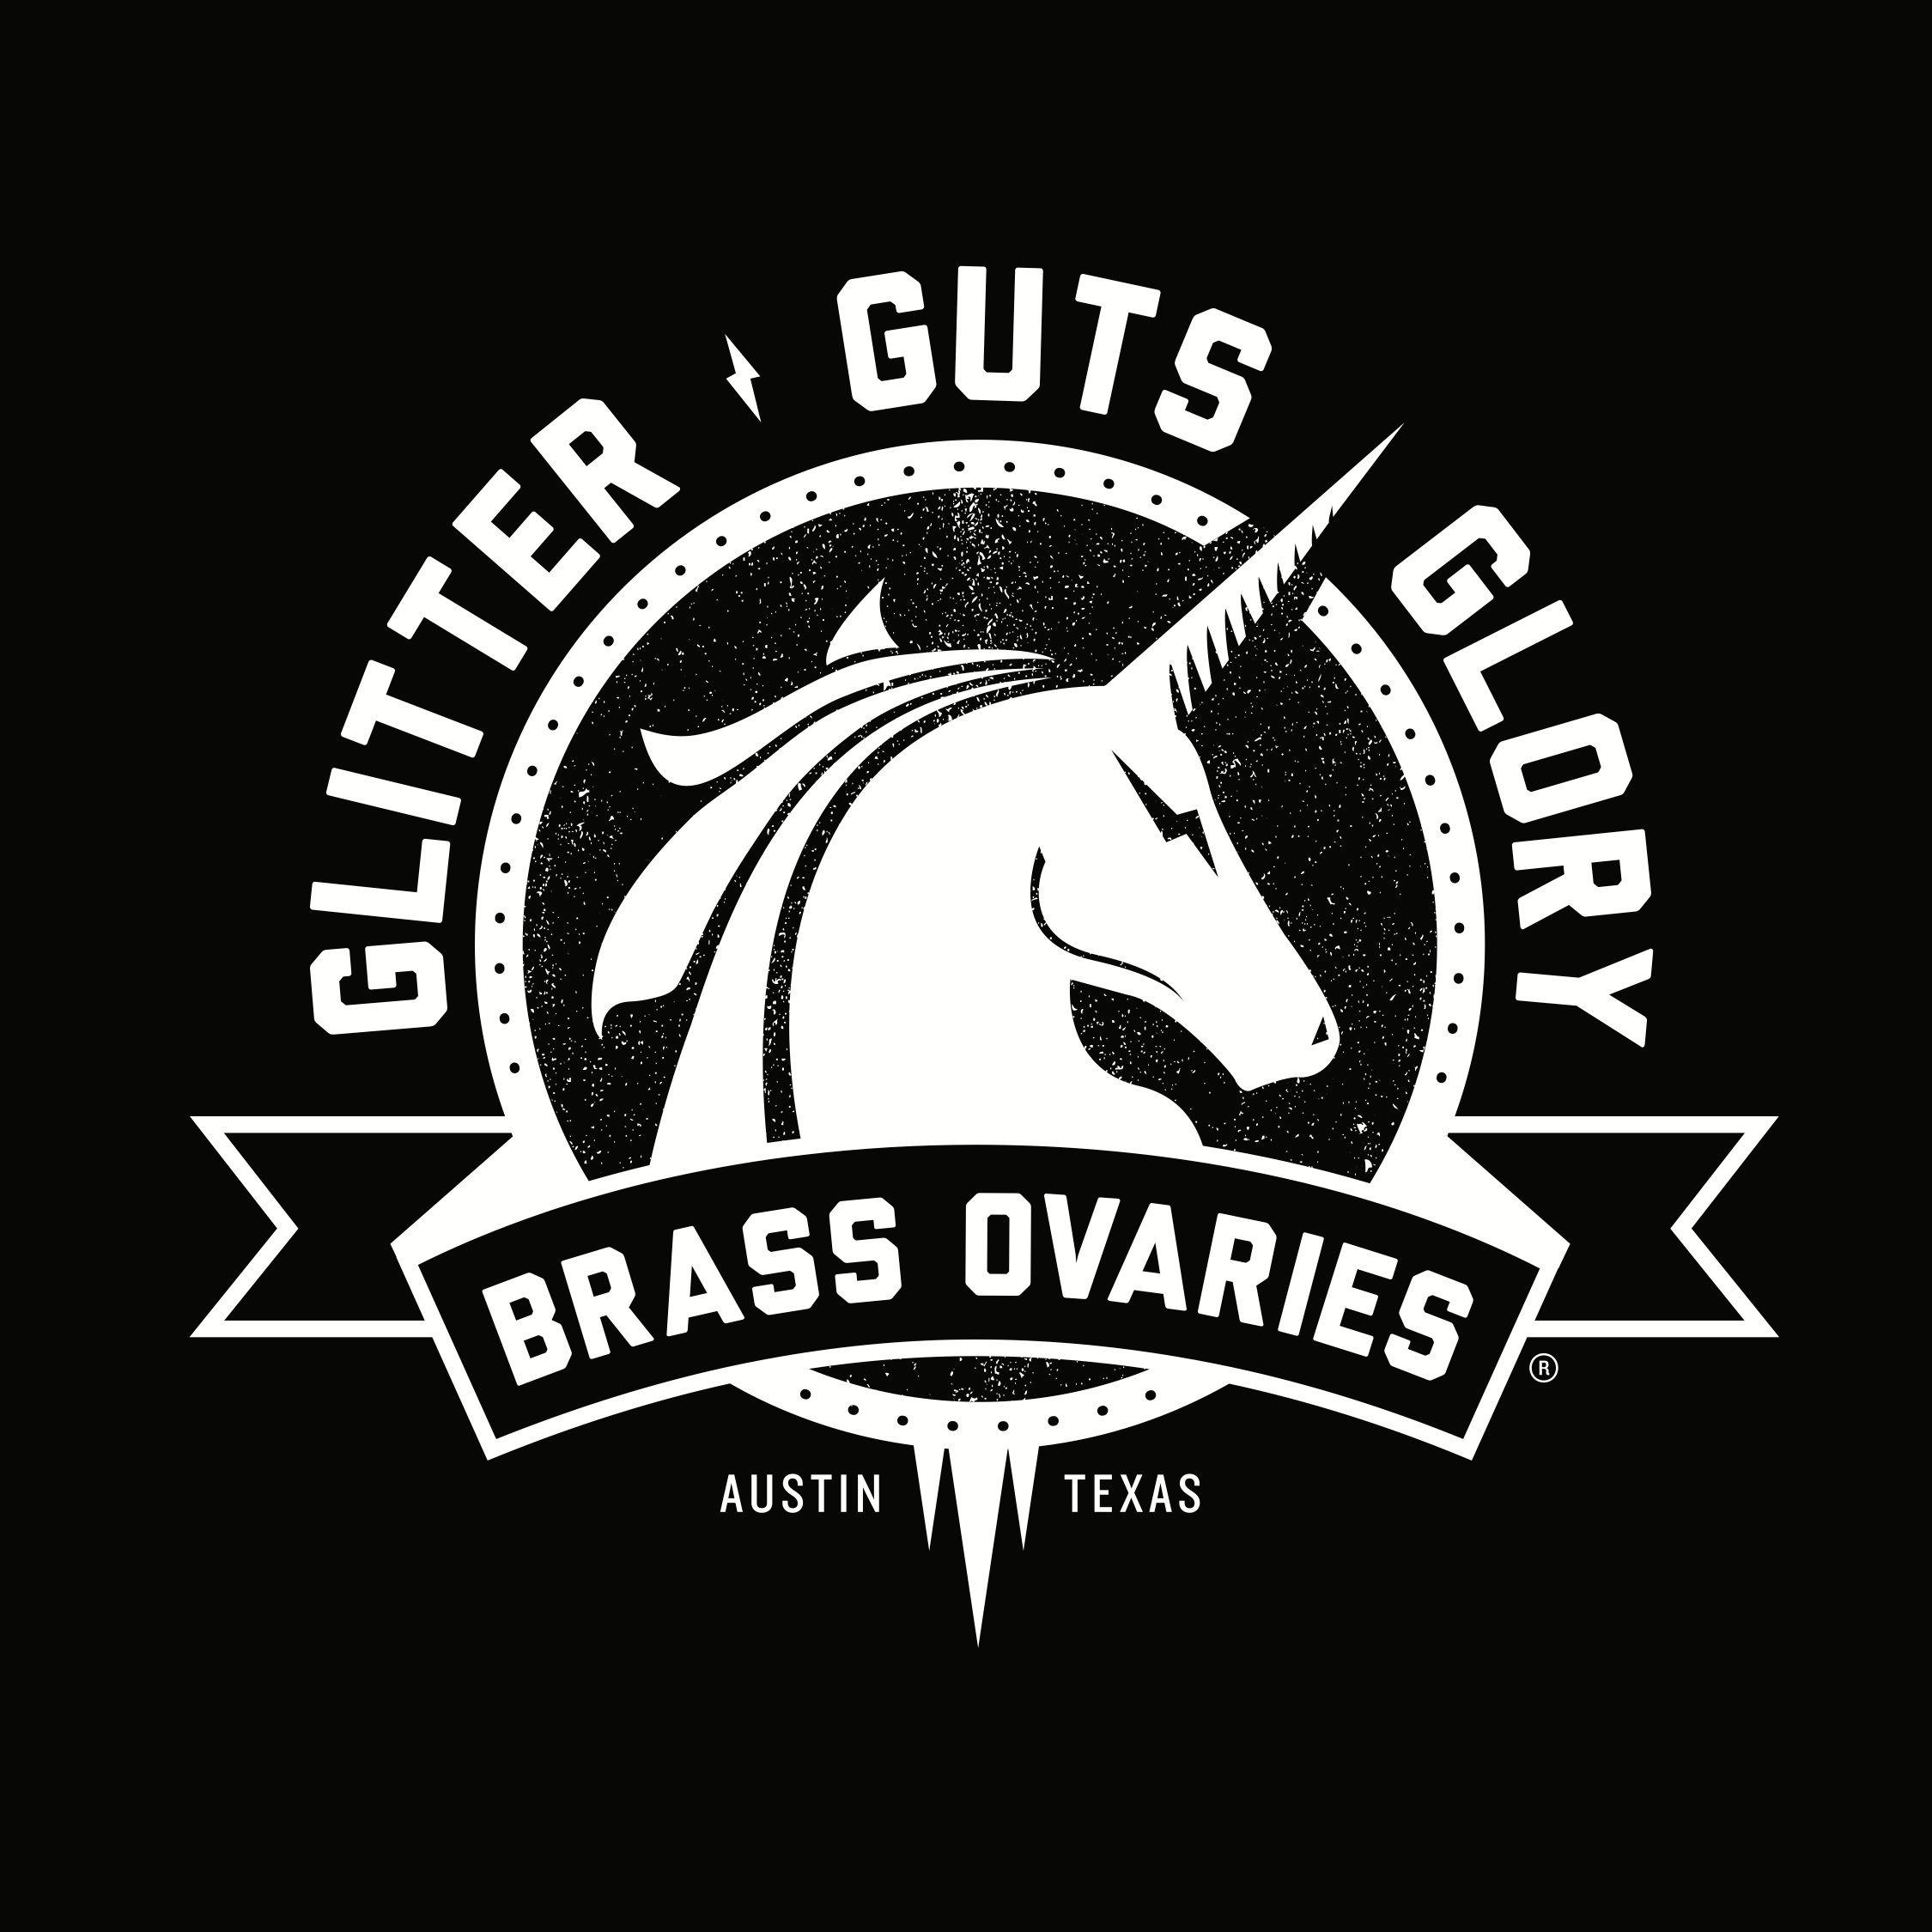 Brass Ovaries